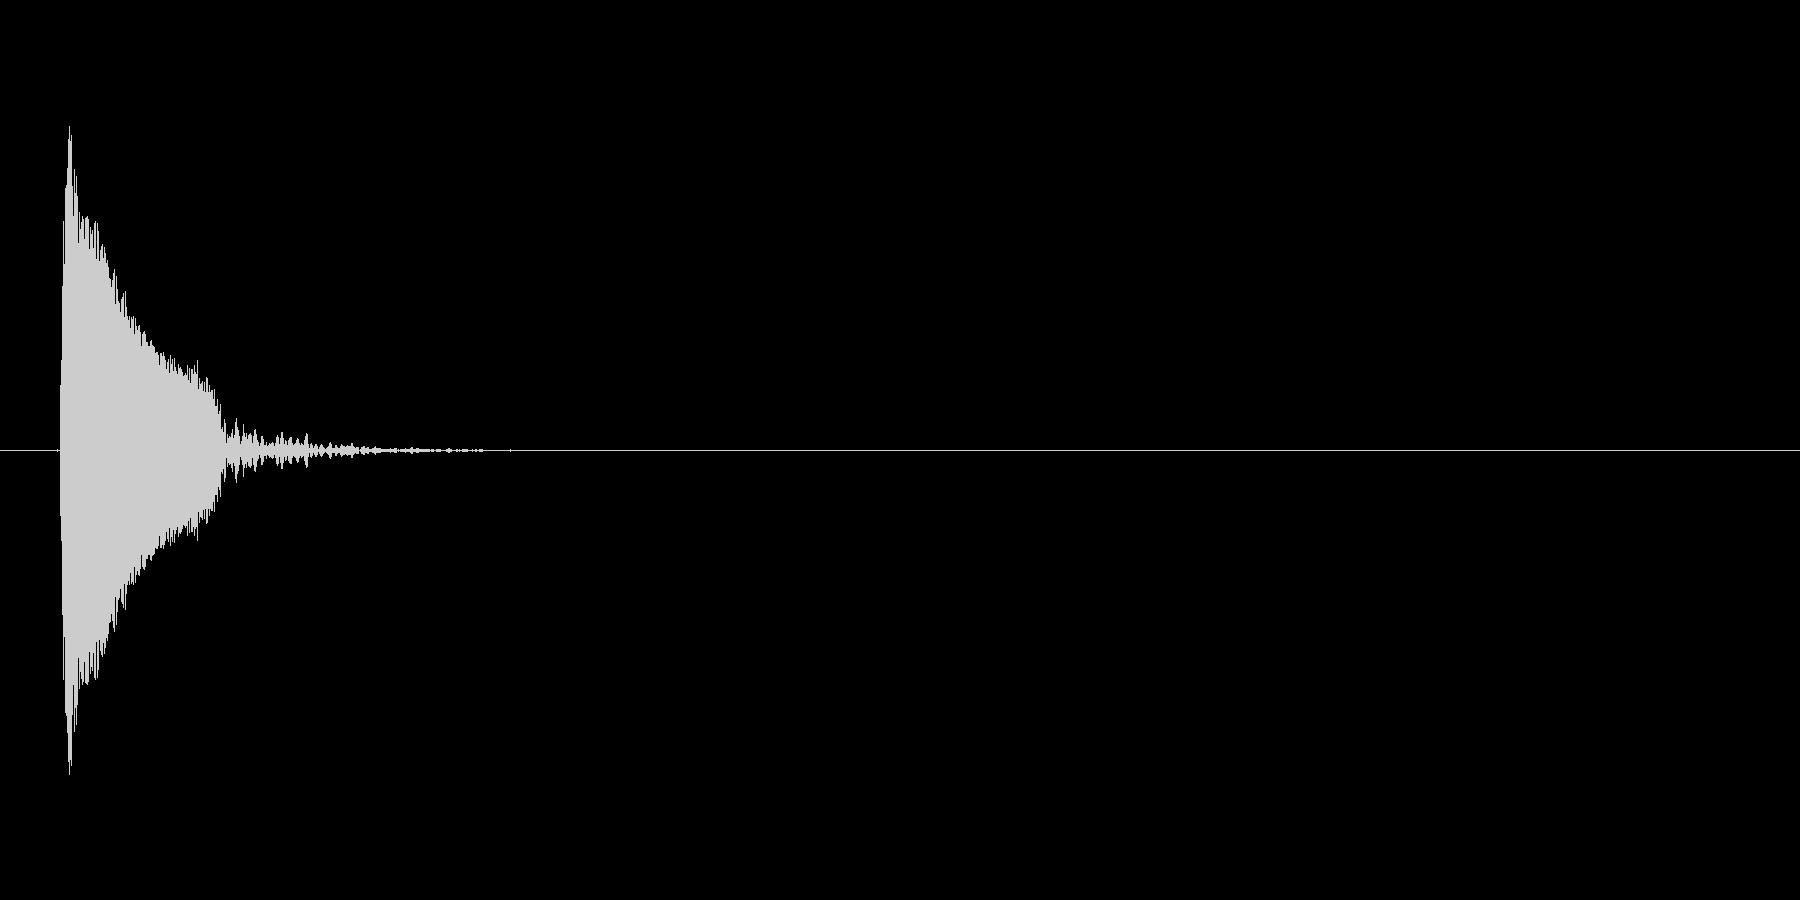 ピッ(カーソル音)の未再生の波形